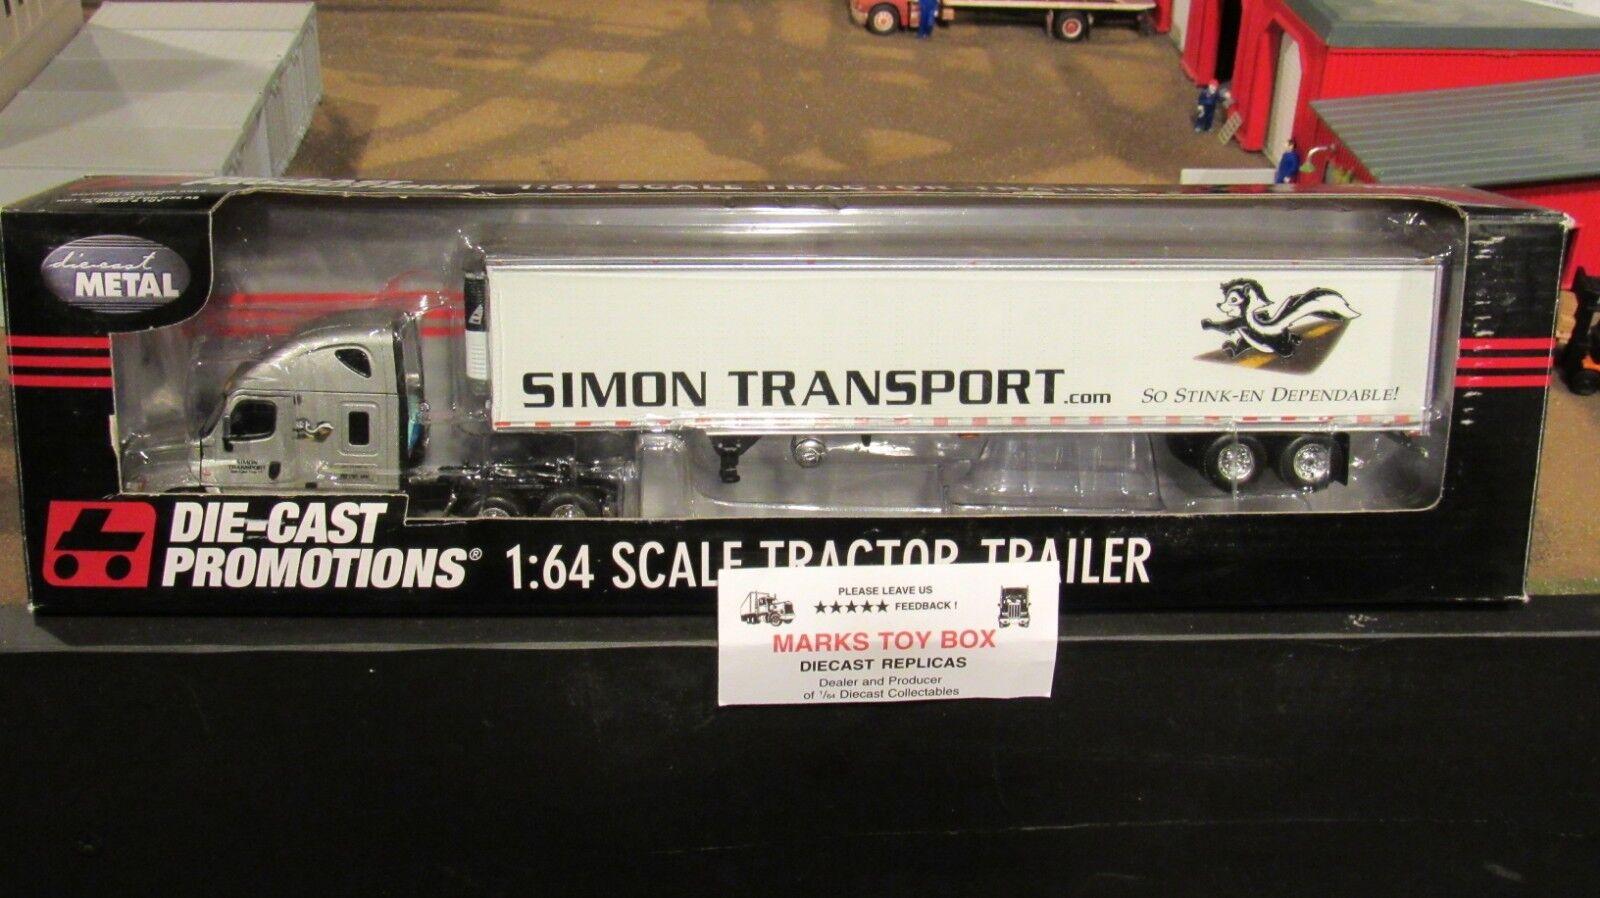 los nuevos estilos calientes DCP 32956 Simon transporte transporte transporte FL Cascadia 53' hierba Remolque 1 64 CL  Con 100% de calidad y servicio de% 100.